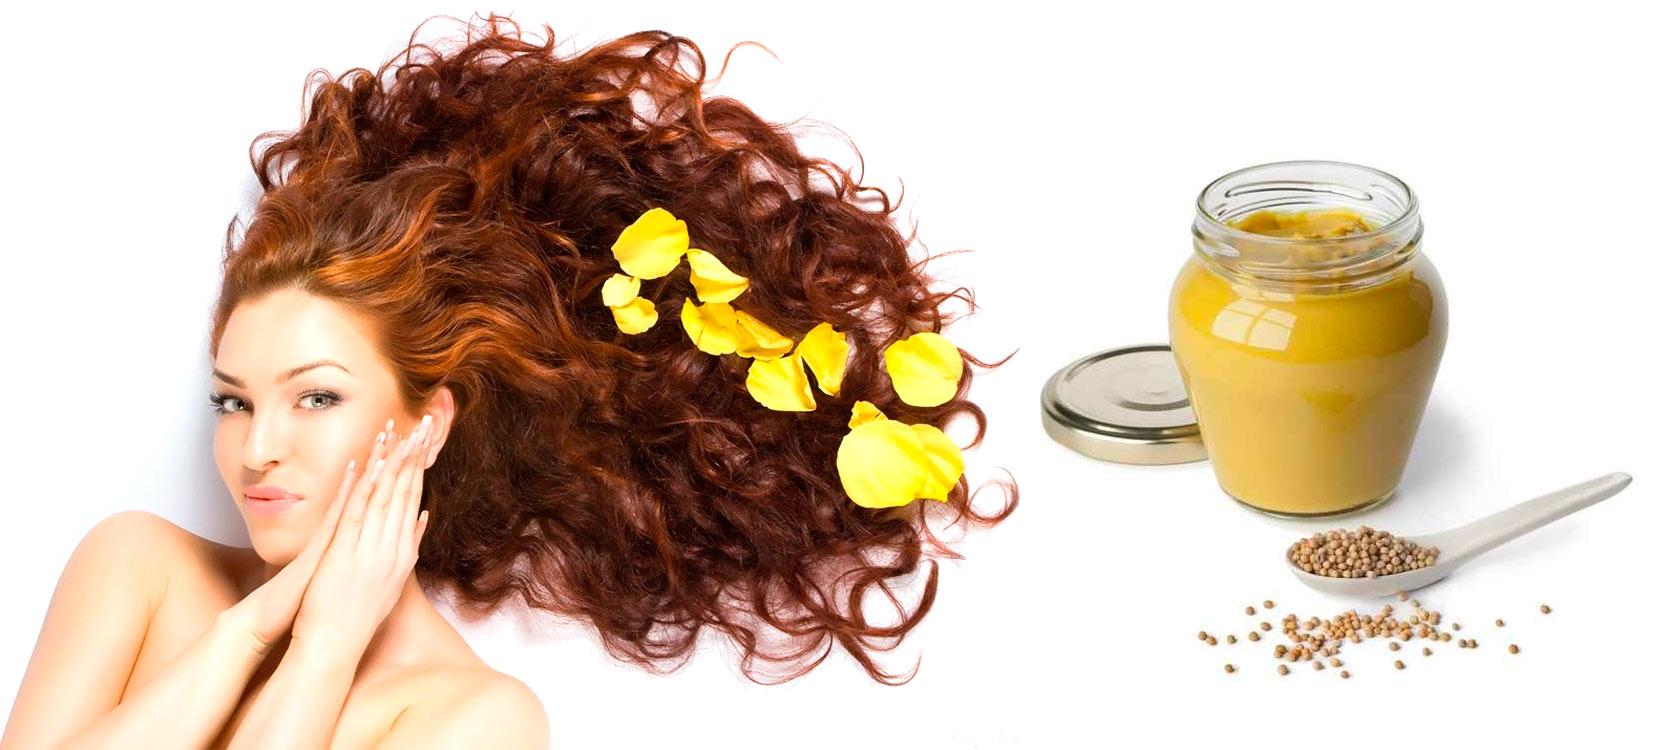 Жгучее средство для роста волос